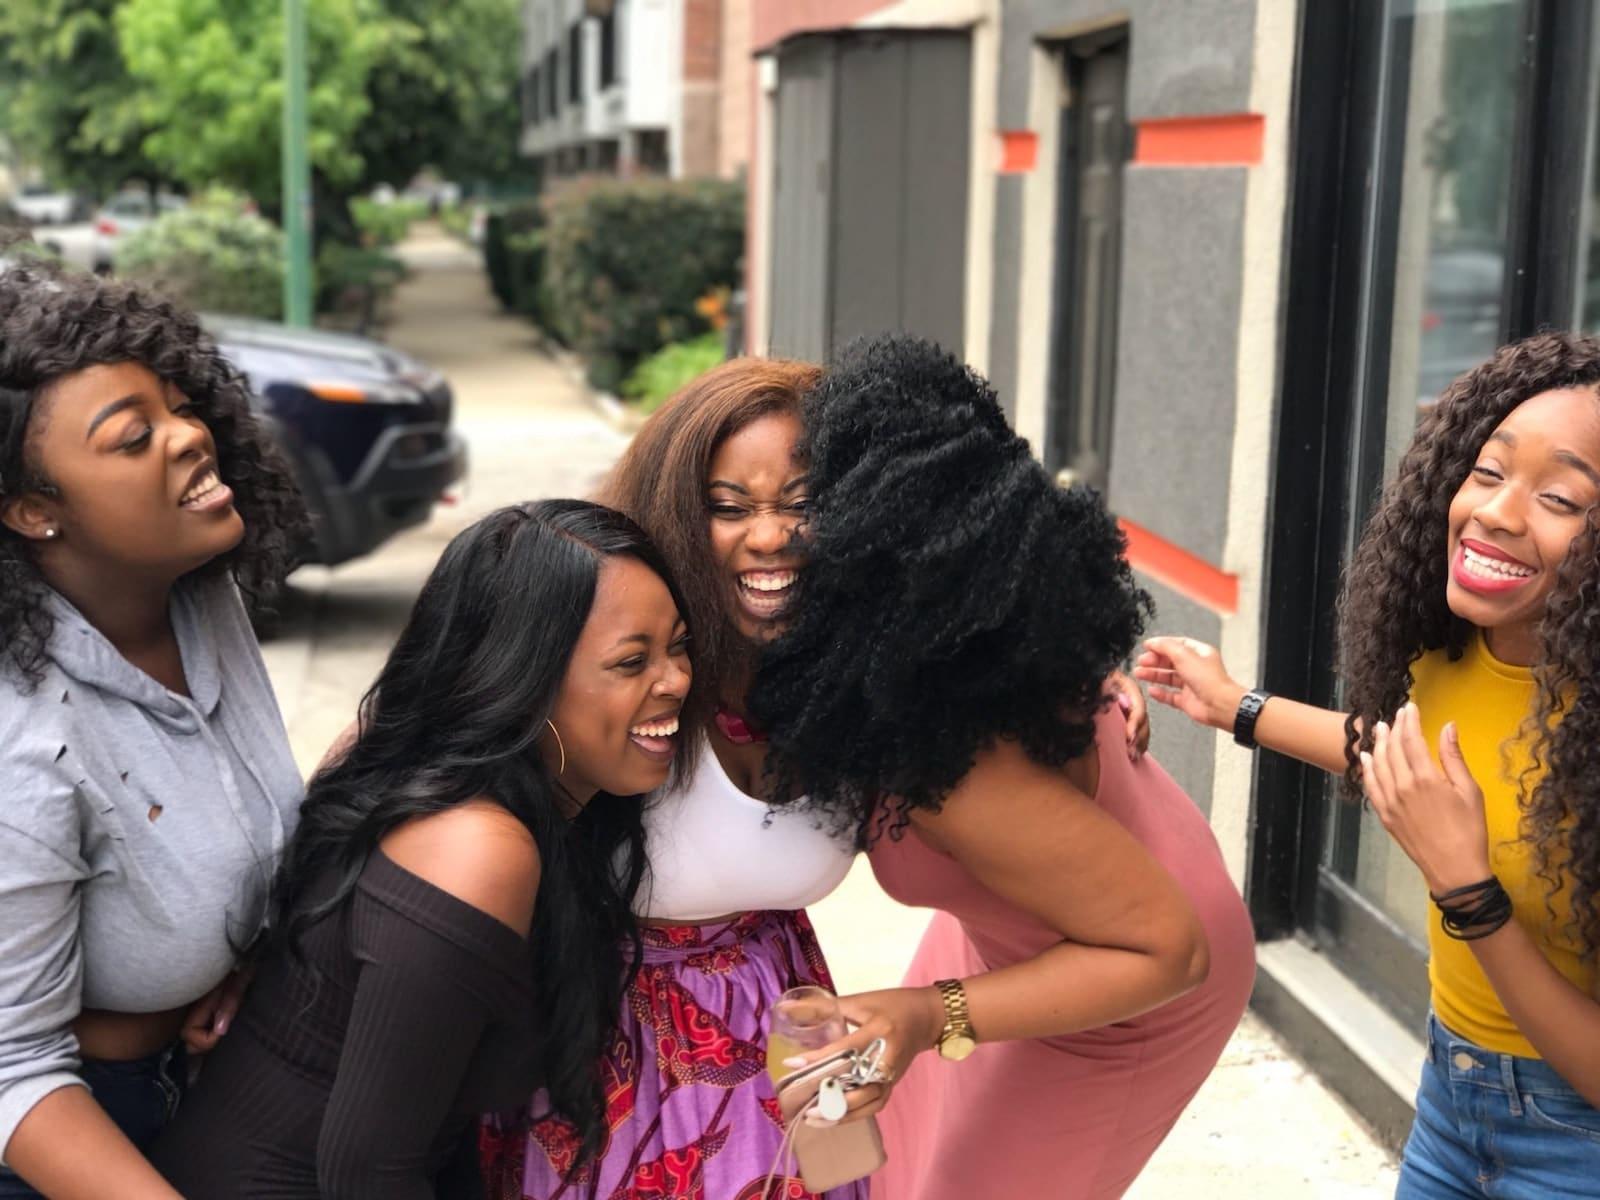 """Die Haarmasken eigenen sich auch für lange anspruchsvolle Haare und, um schöne Afro Haare zu pflegen. #HAARE #HAARPFLEGE #LANGEHAARE #AFRO #AFROHAARE #HAARKUR und #HAARMASKE von MERMAID+ME (Werbung) Meine gesamte Erfahrung bekommst du auf dem Blog. 25% Rabatt bekommst mit dem Gutscheincode """"cathi25"""" auf den gesamten Shop (Sets bis 45% Rabatt) von #MermaidMe, Masken, Haarmasken für lockige Haare. Für starke, glänzende und frische Haare (SHiny Hair Hibiscus, Fresh Hair Algae, Strong Hair Papapya)"""